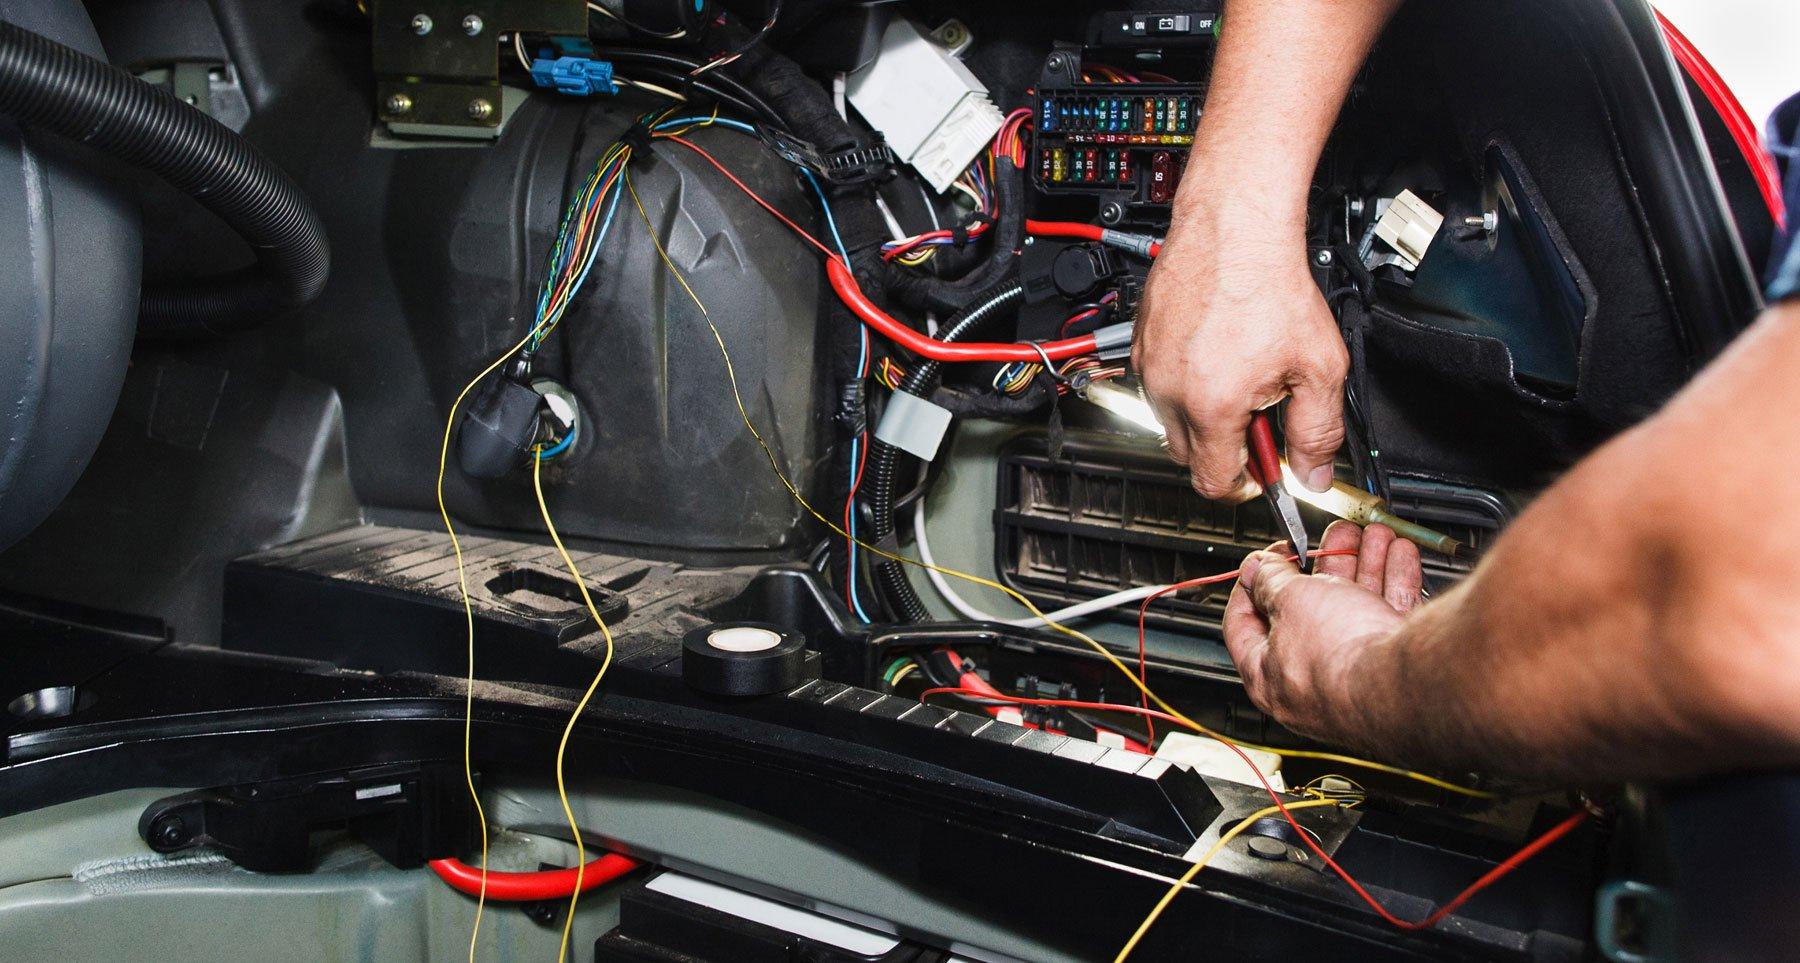 un elettrauto al lavoro all'interno dell'abitacolo di una vettura con cavi a vista